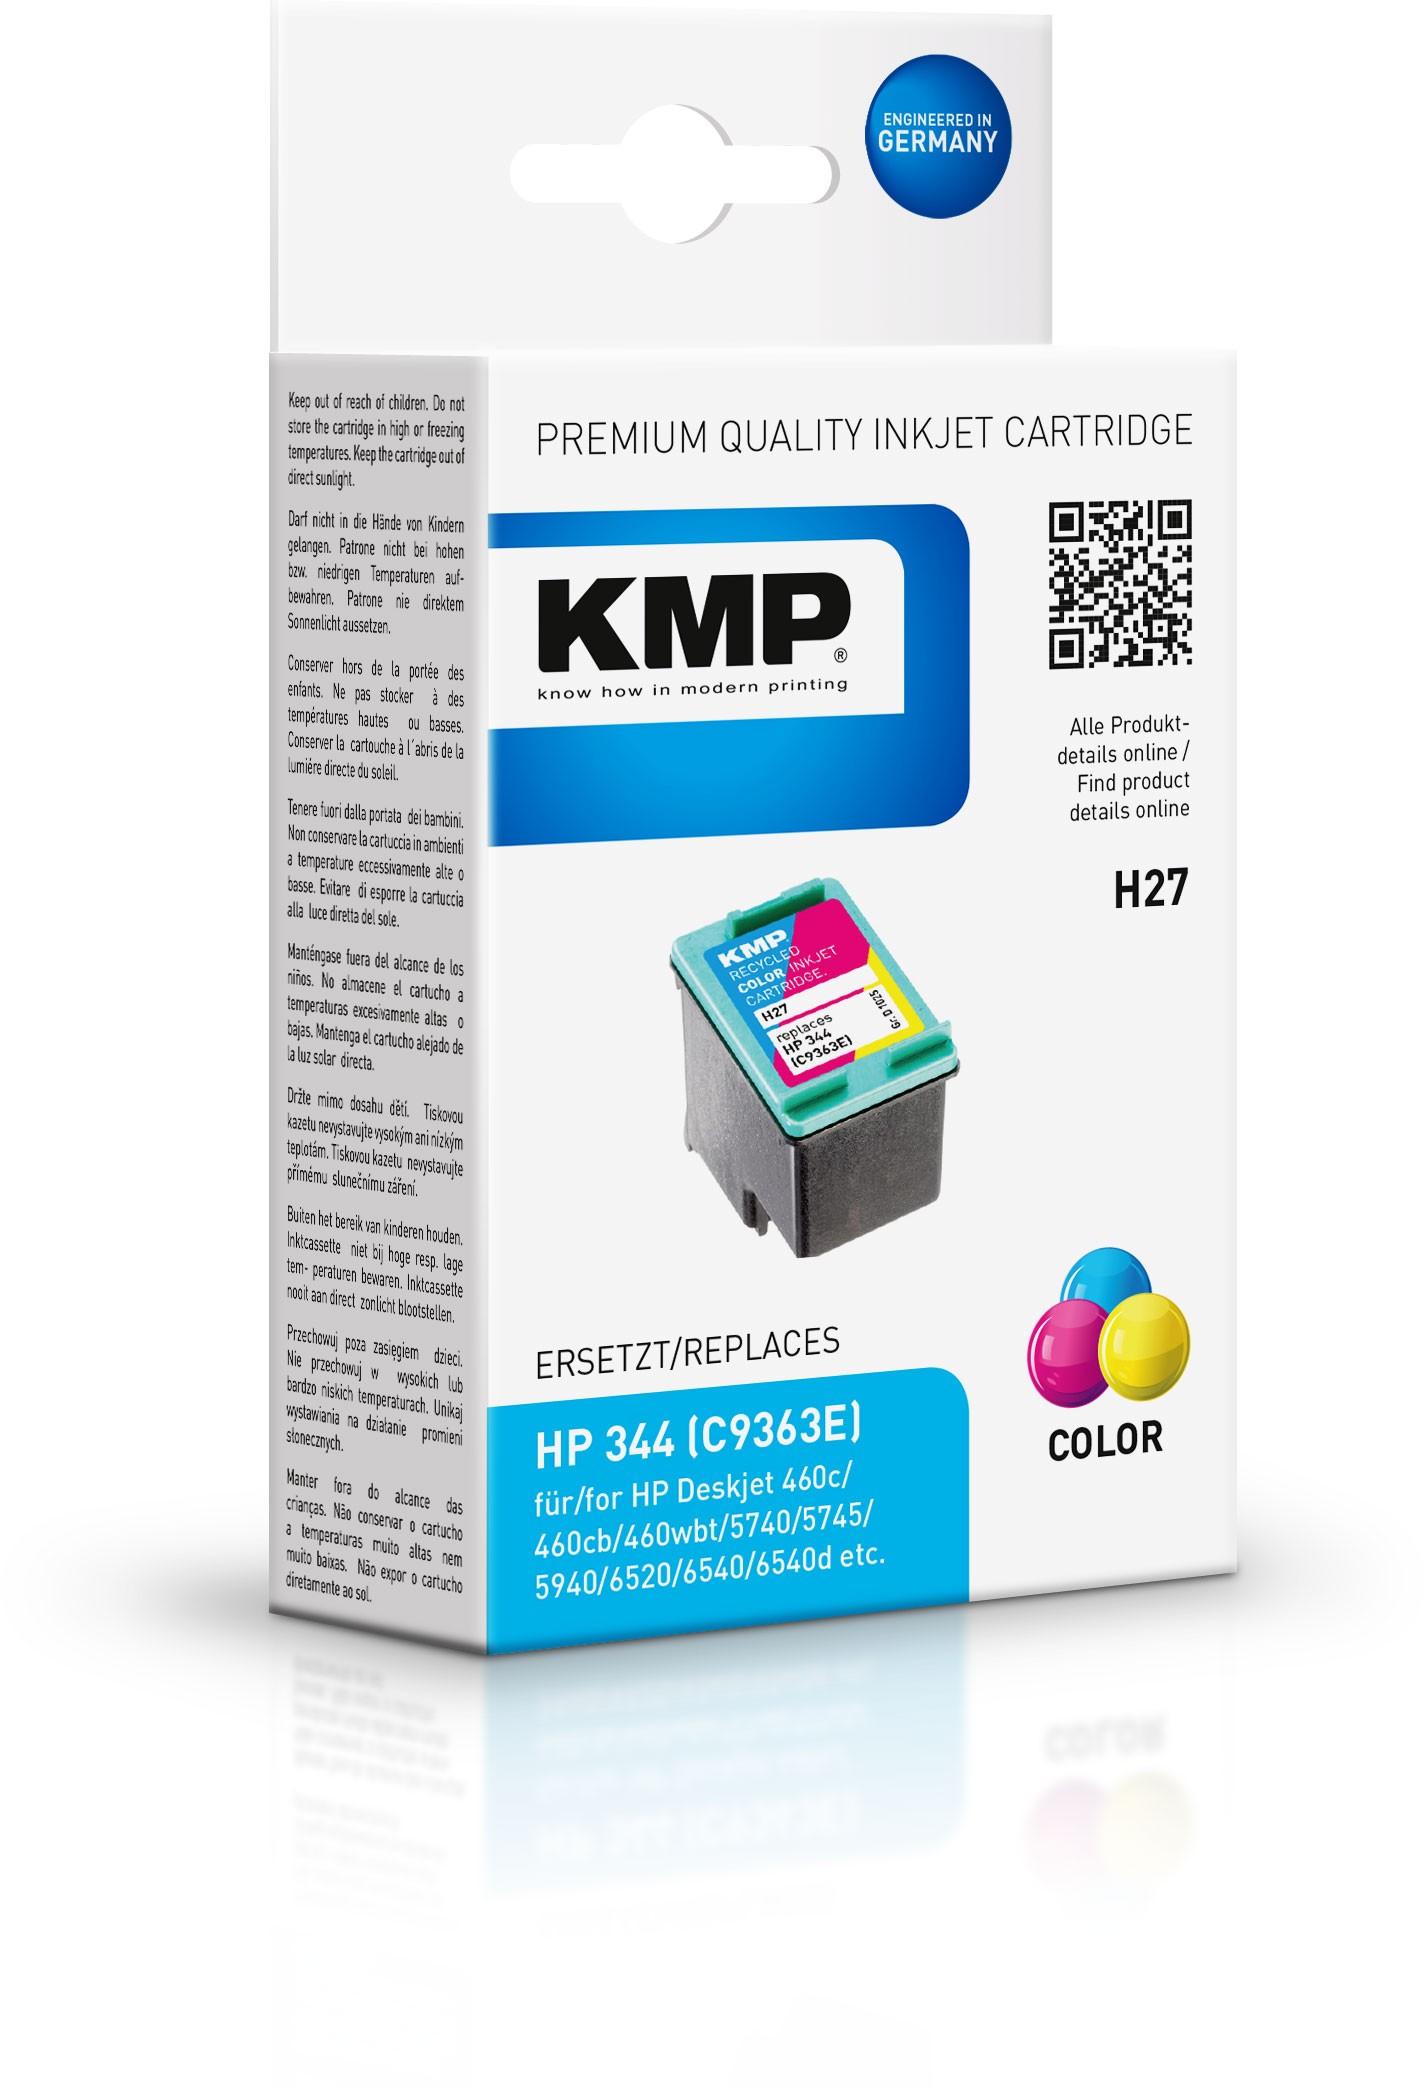 Vorschau: KMP Patrone H27 komp. C9363E HP DeskJet 6540 9800 color